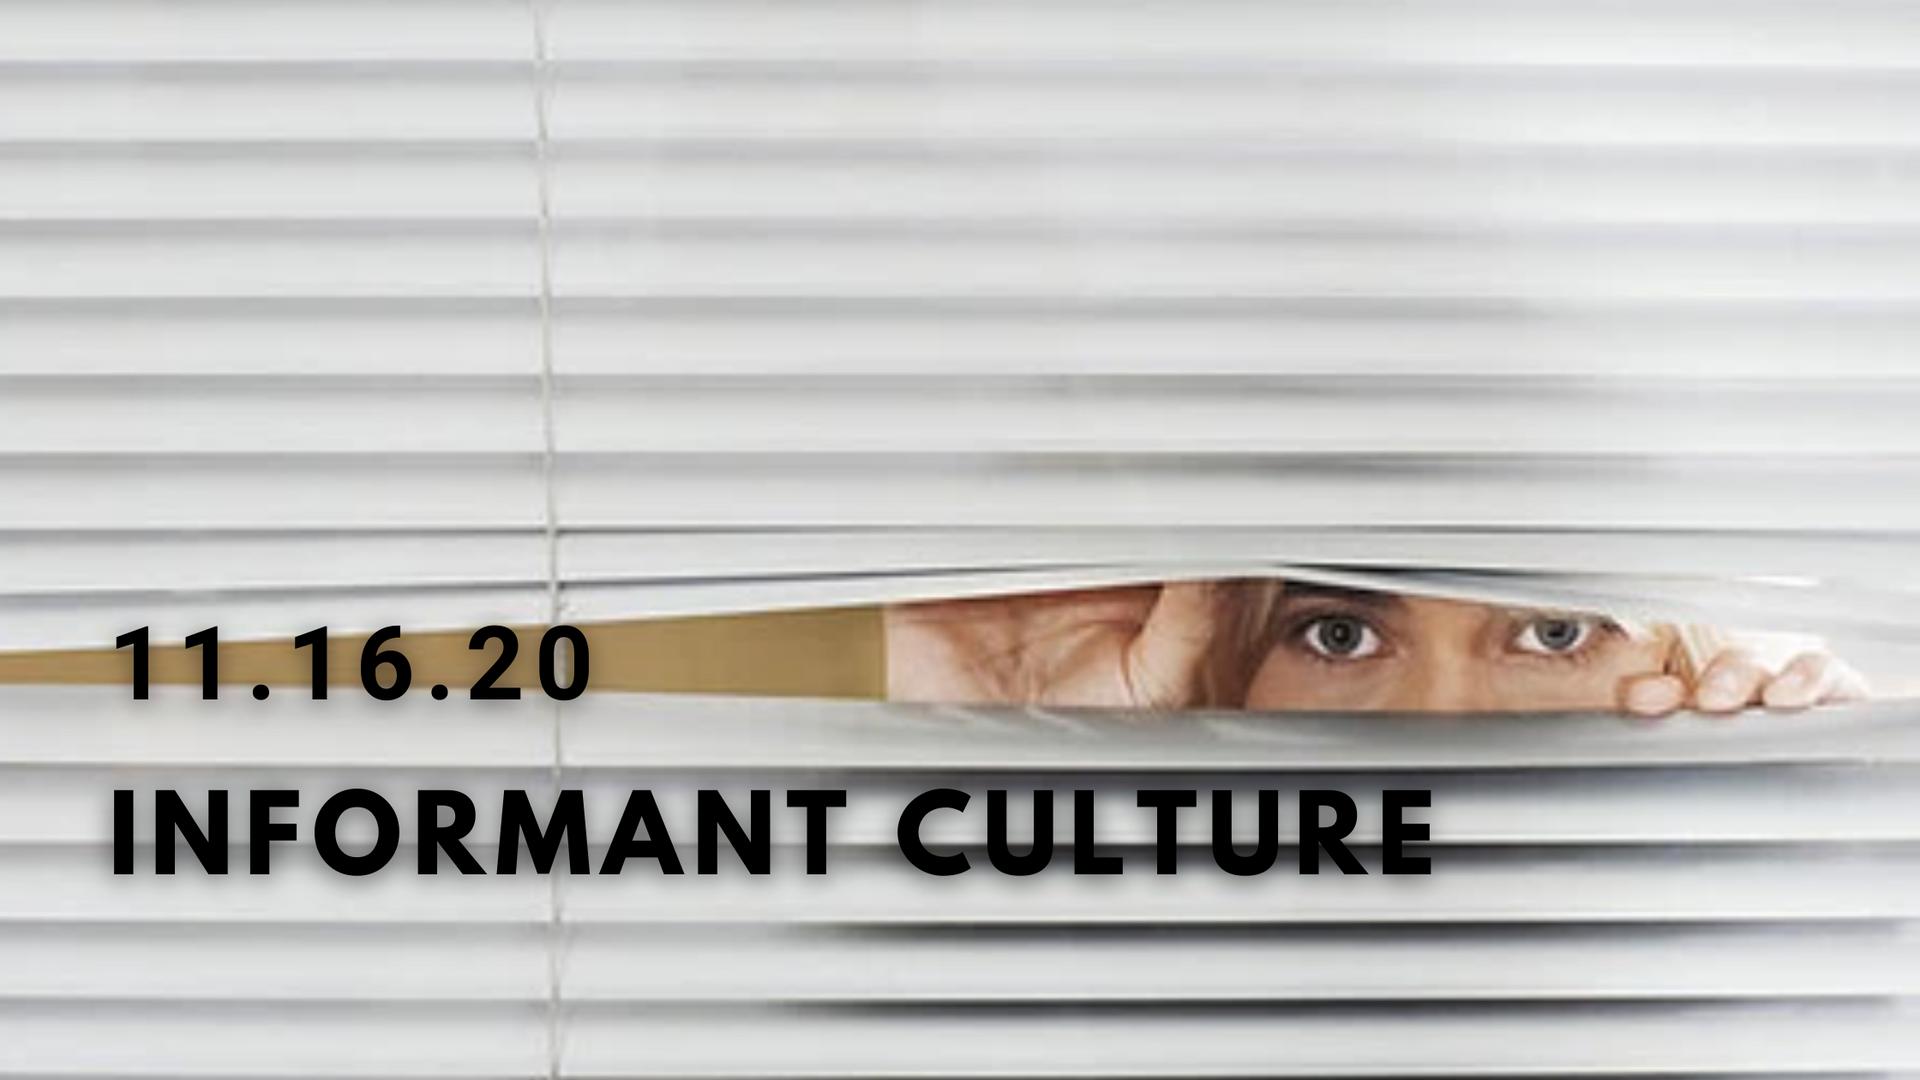 Informant Culture